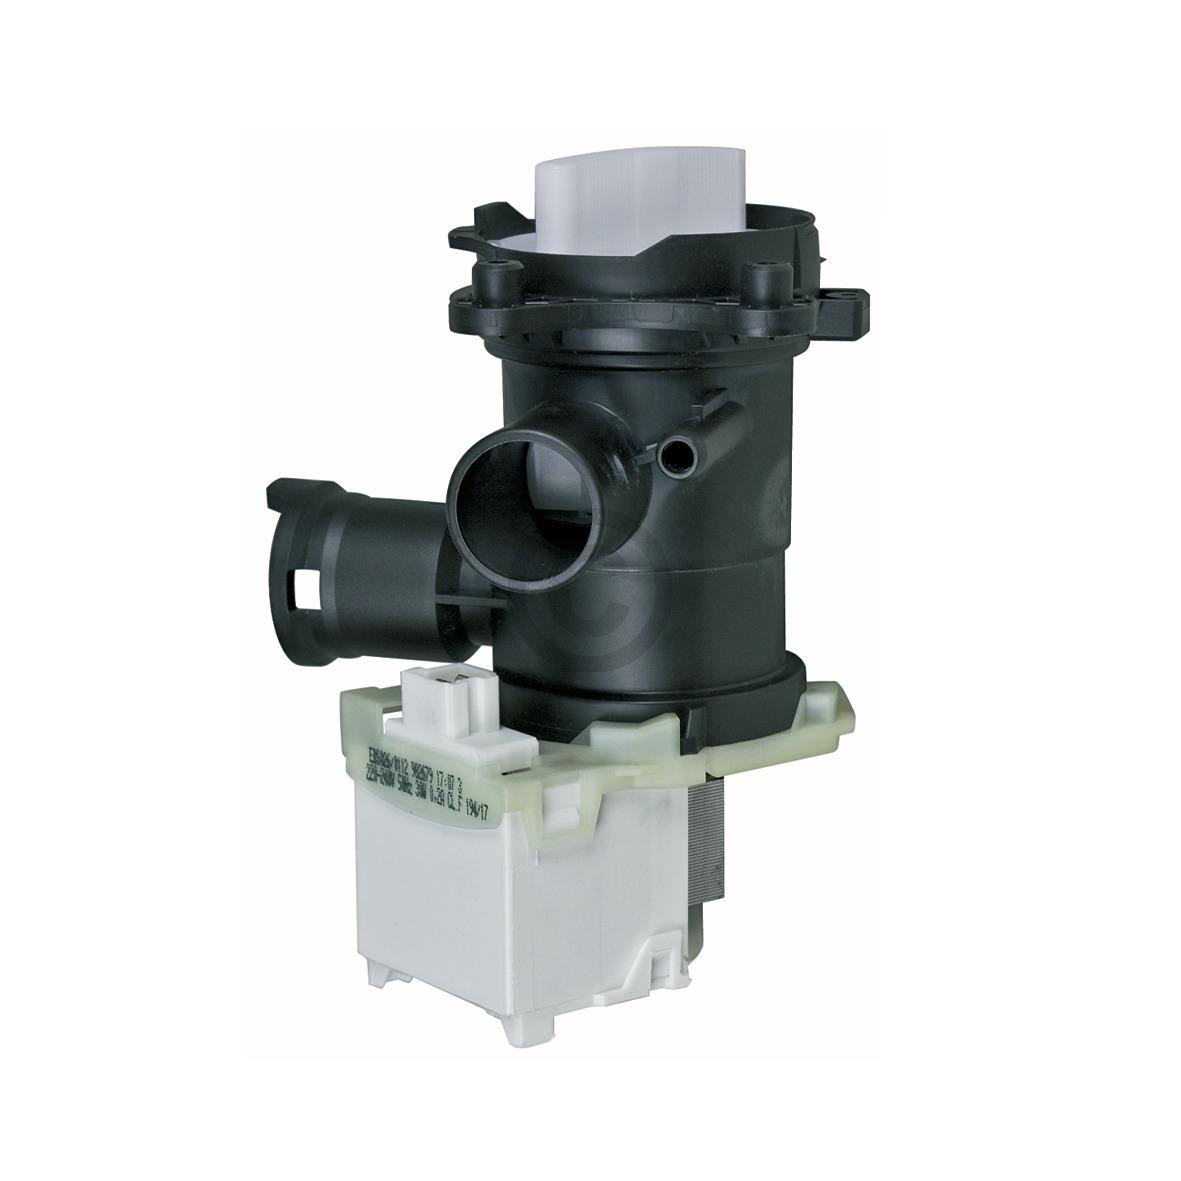 Ablaufpumpe Bosch 00145777 Copreci mit Pumpenkopf und Sieb für Waschmaschine